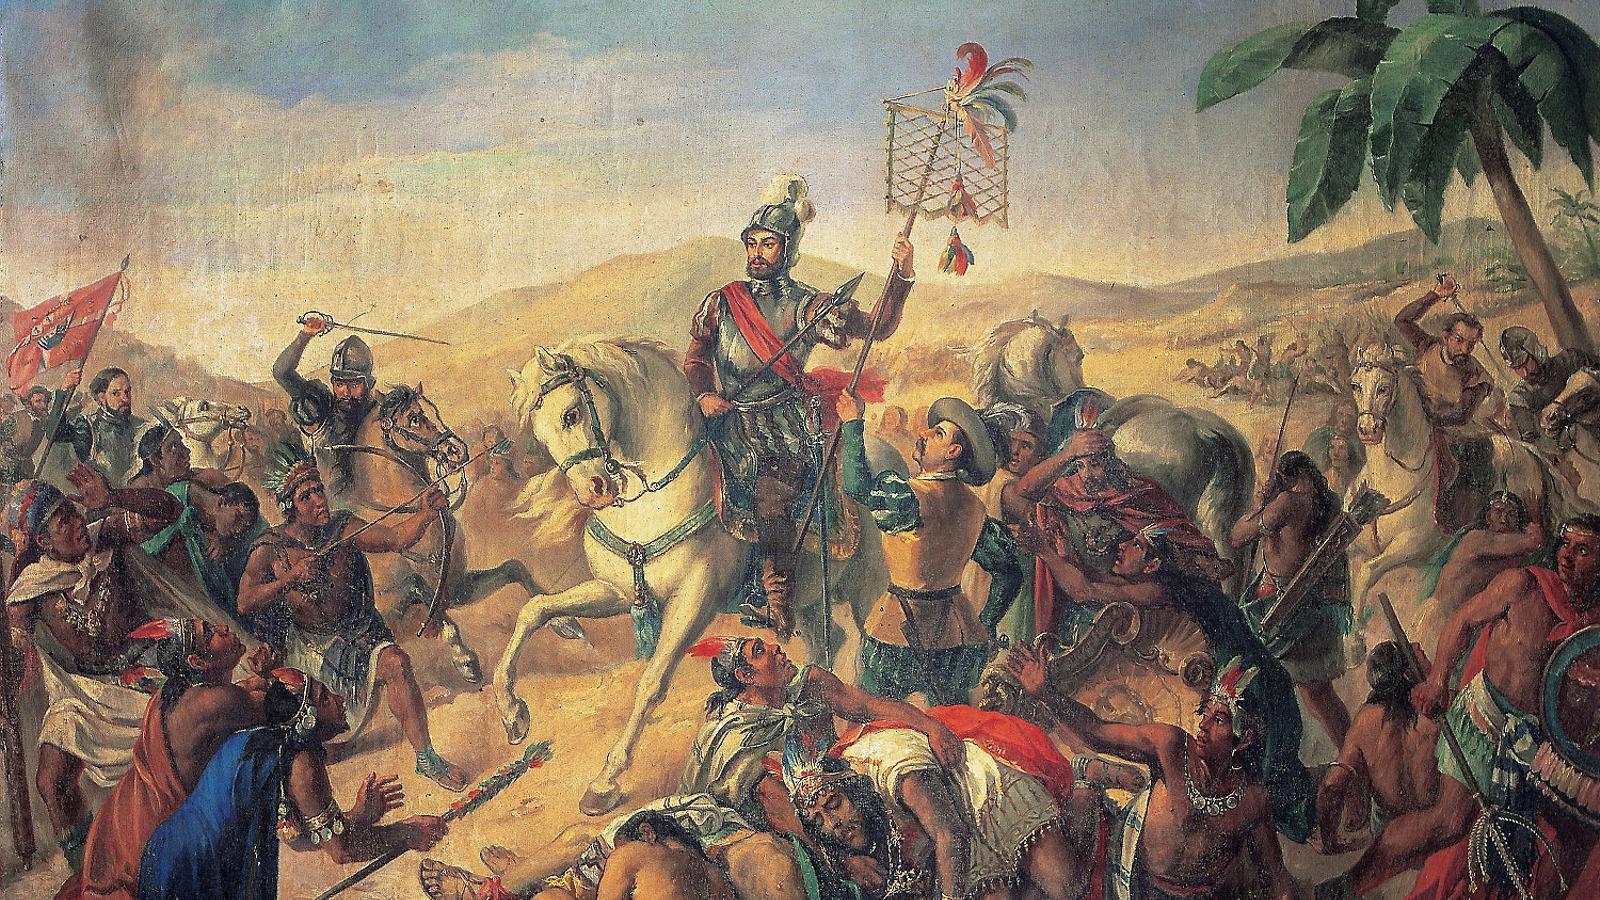 Pintura anònima sobre la batalla d'Otumba, el 1529, durant les campanyes d'Hernán Cortés a Mèxic.